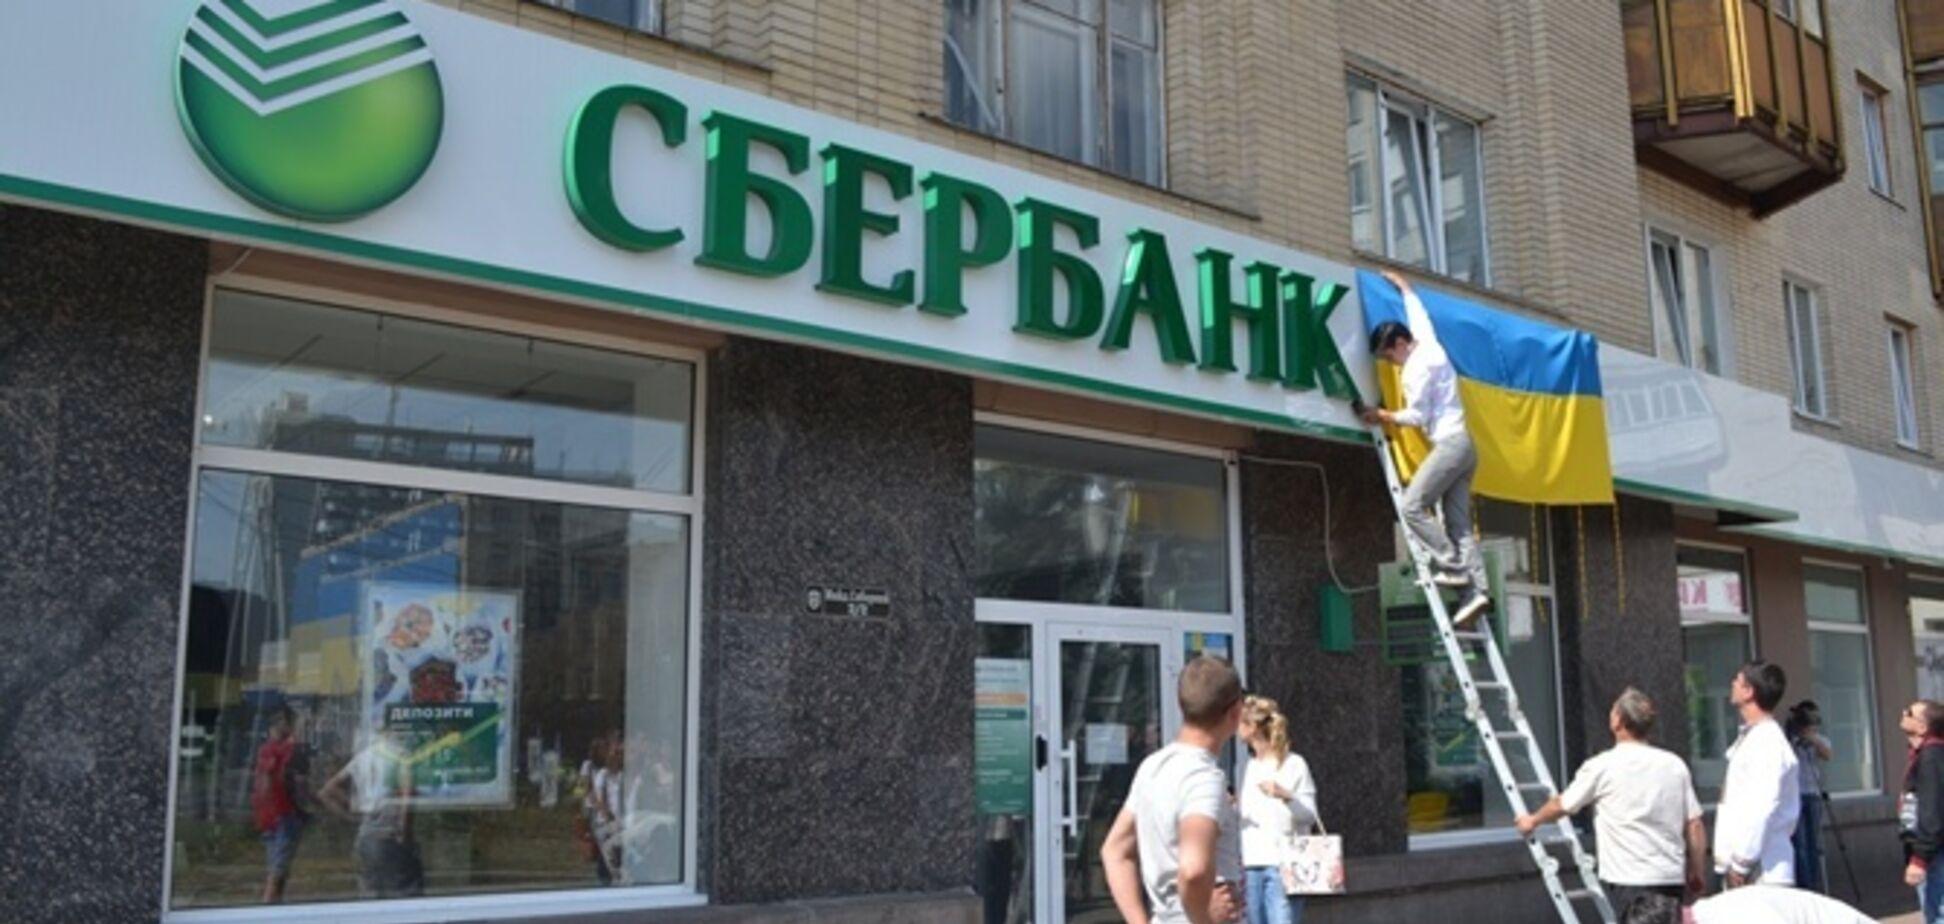 Их вынудят уйти: российским банкам в Украине предрекли печальное будущее